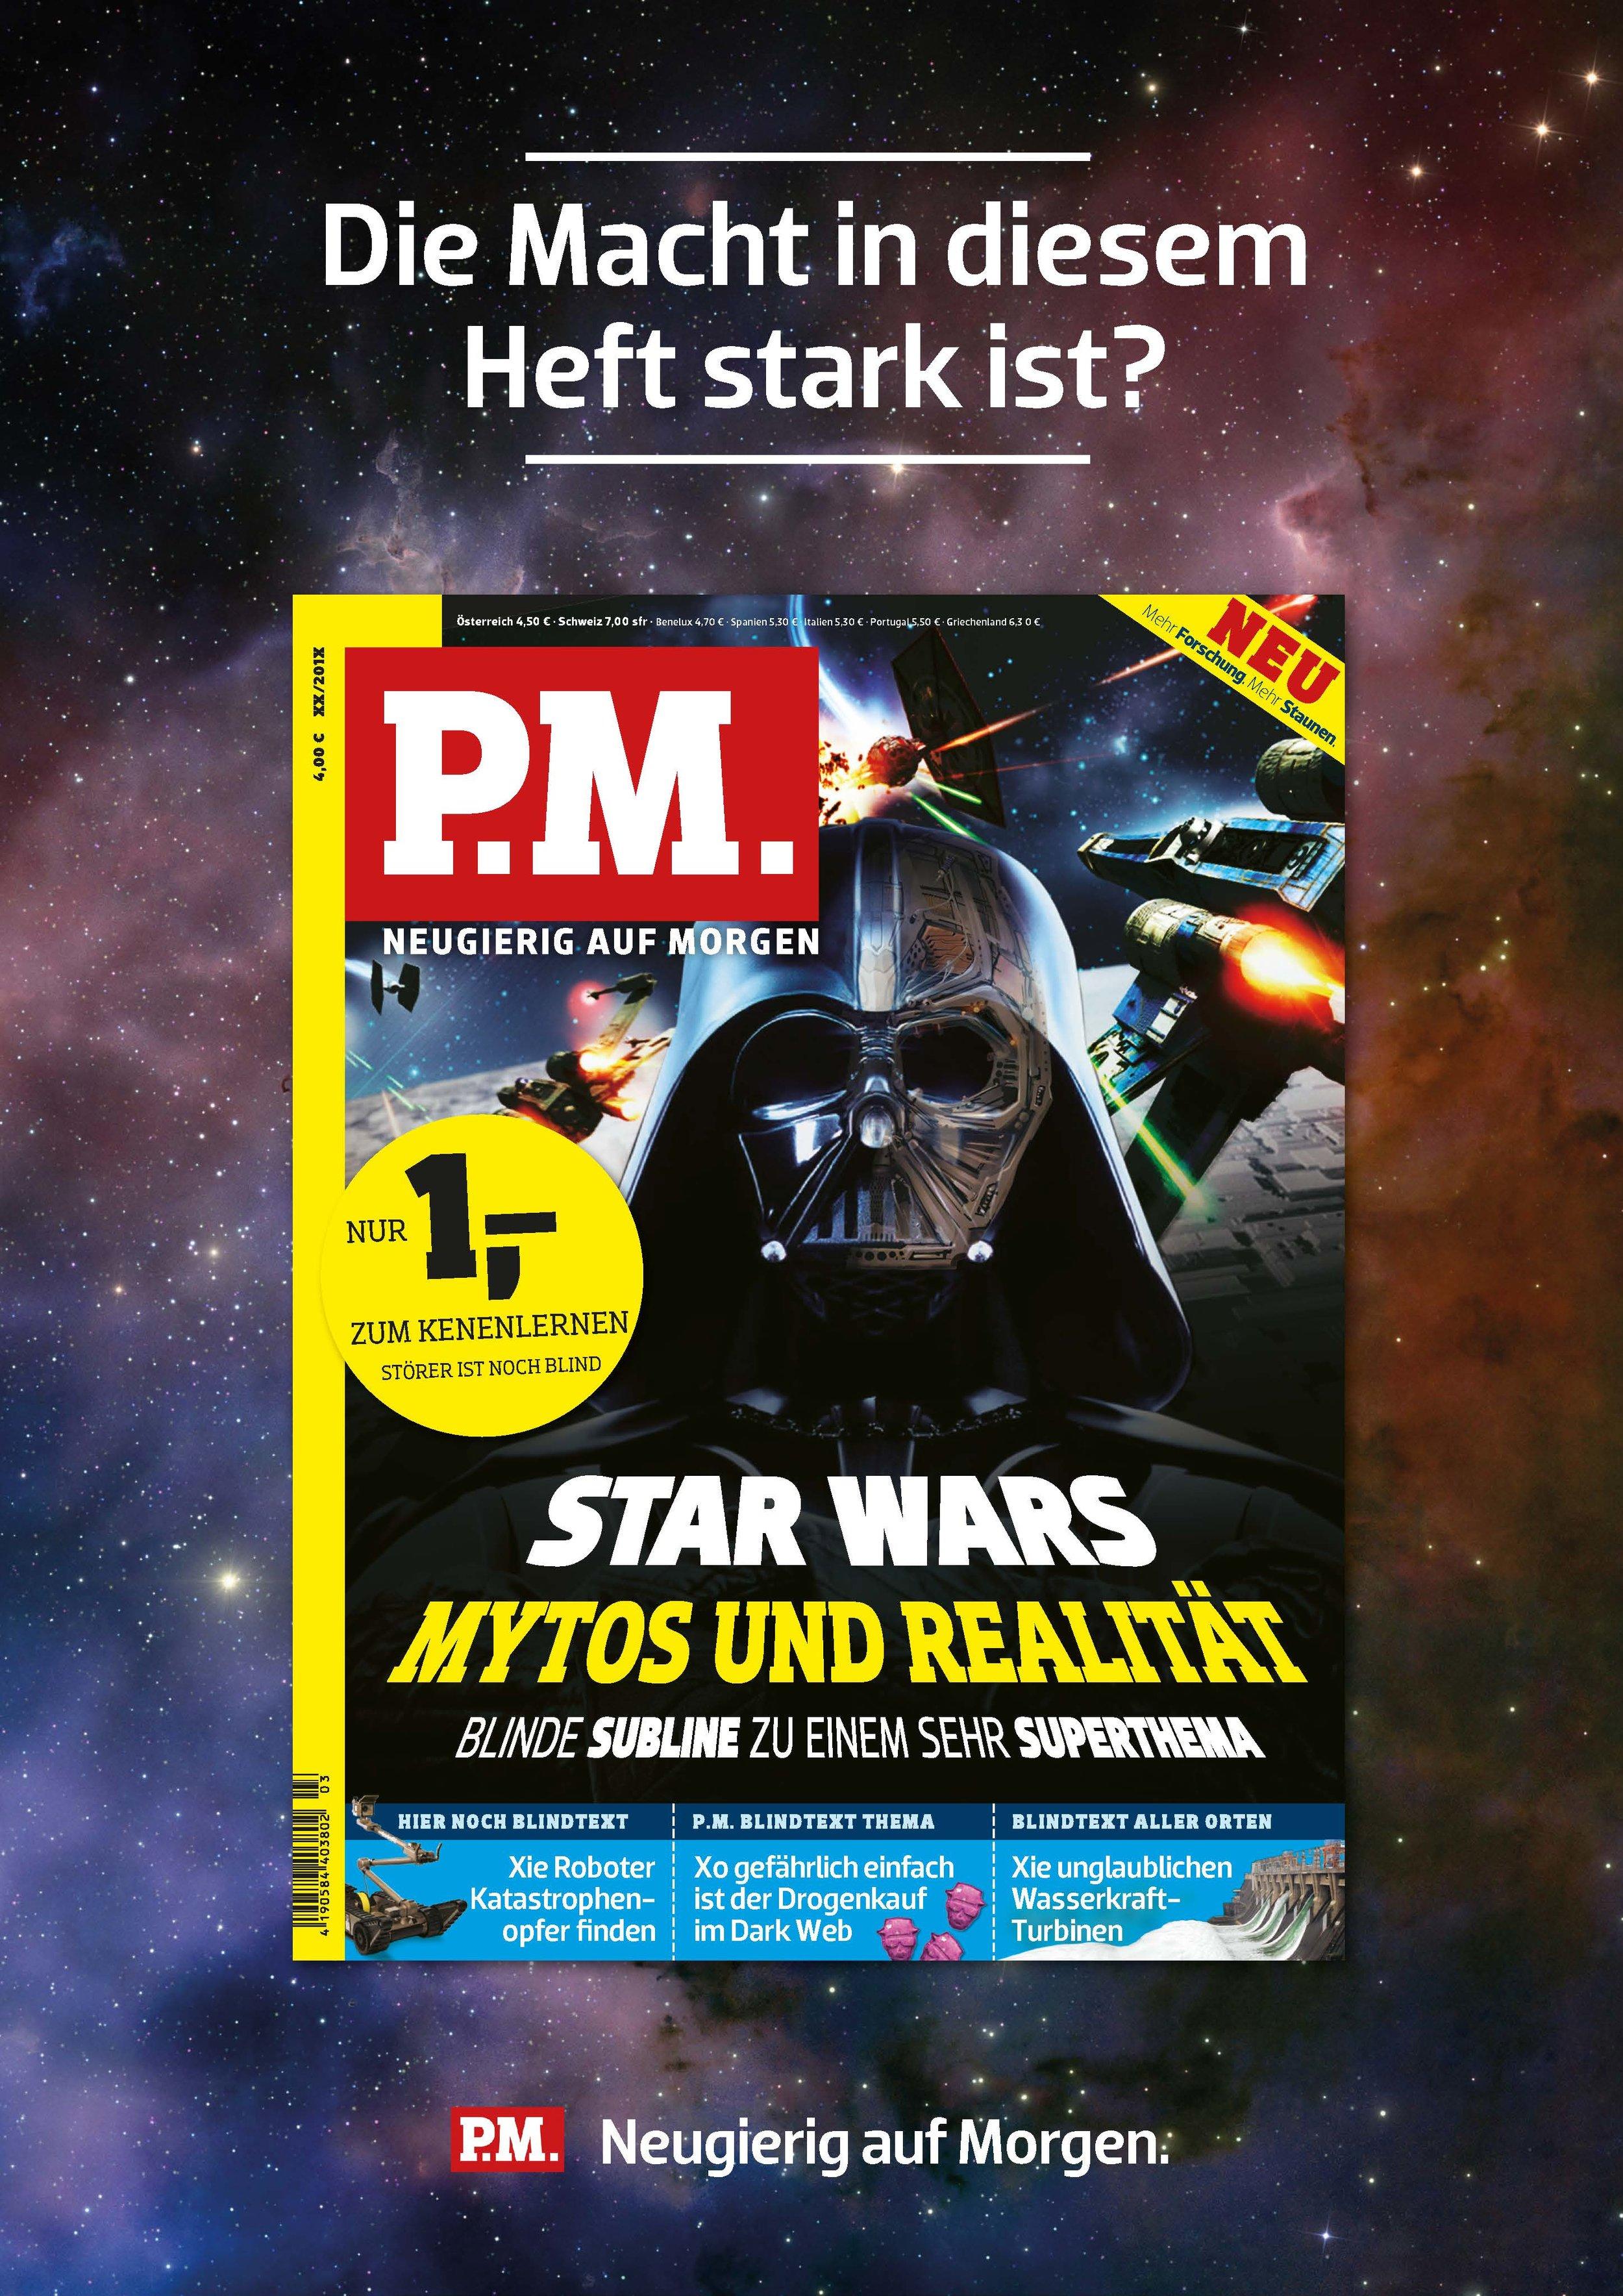 PM_StarWars_12.11.15_Seite_1.jpg